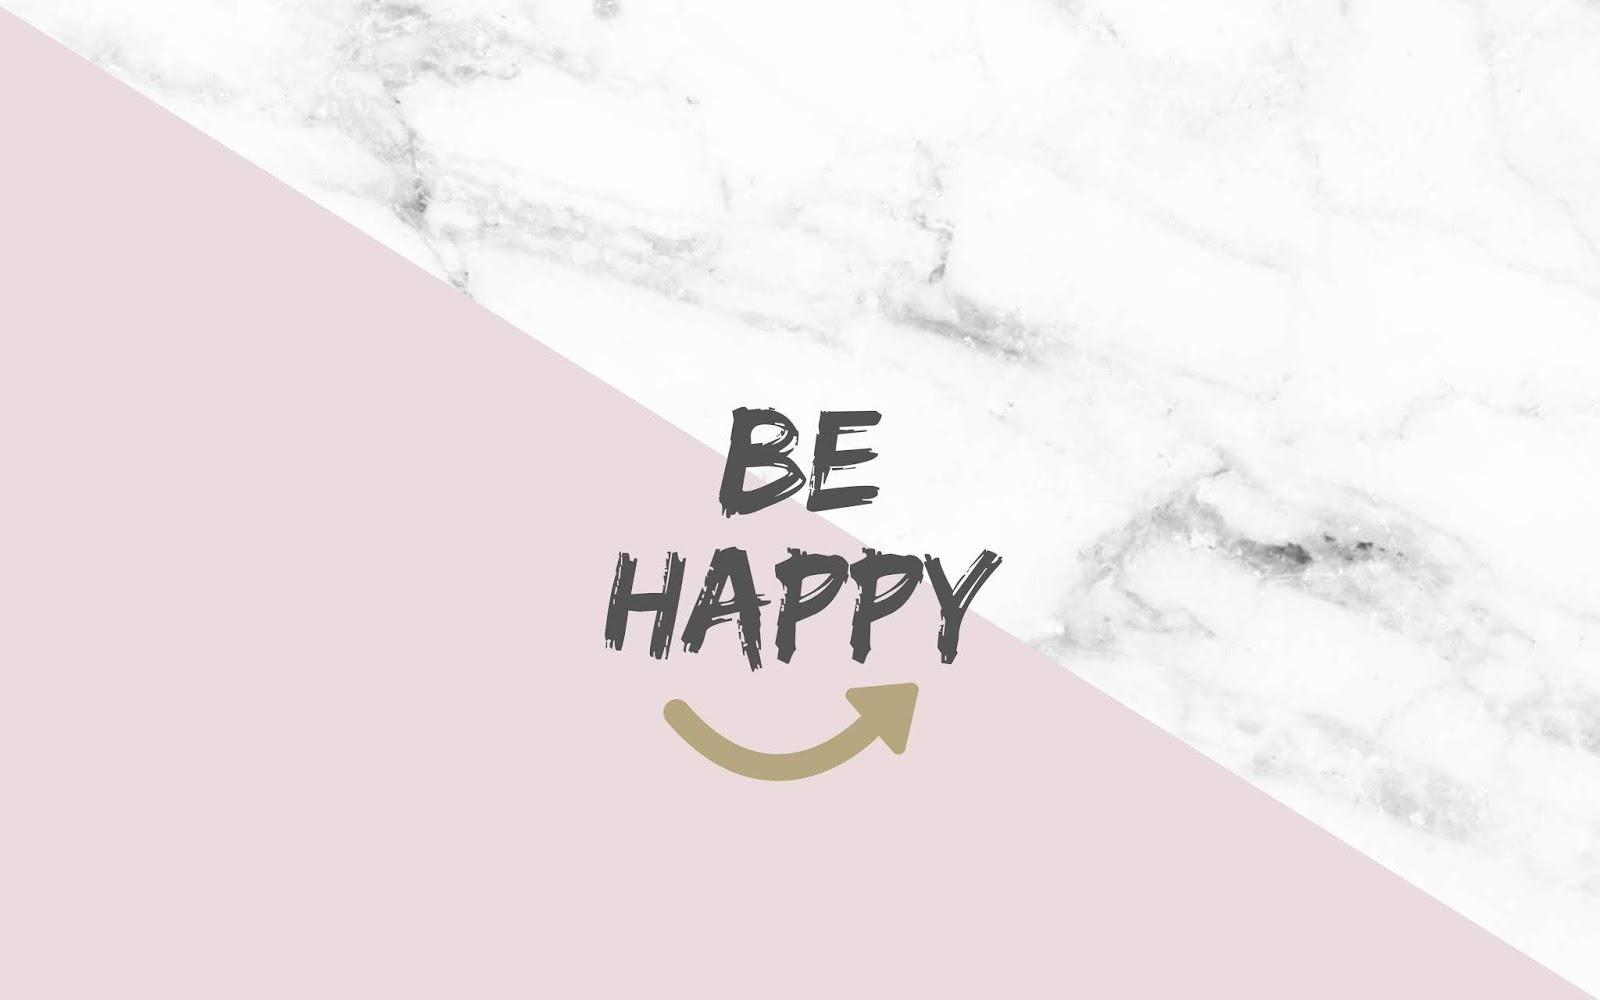 Be happy Jenmag